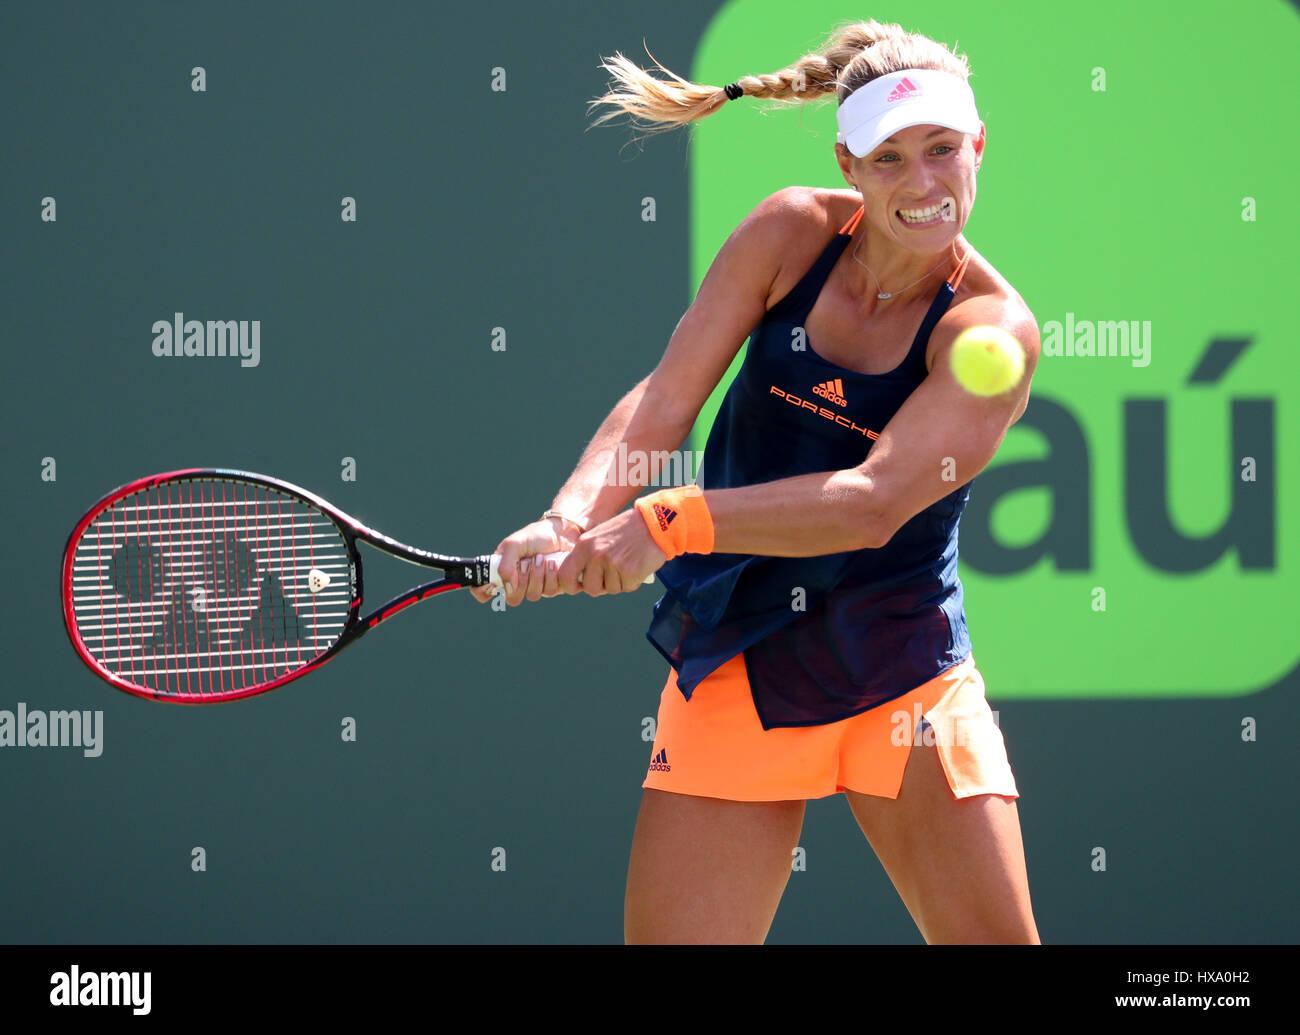 Key Biscayne, Floride, USA. Mar 26, 2017. Angelique Kerber, de l'Allemagne, en action pendant son match gagnant Banque D'Images